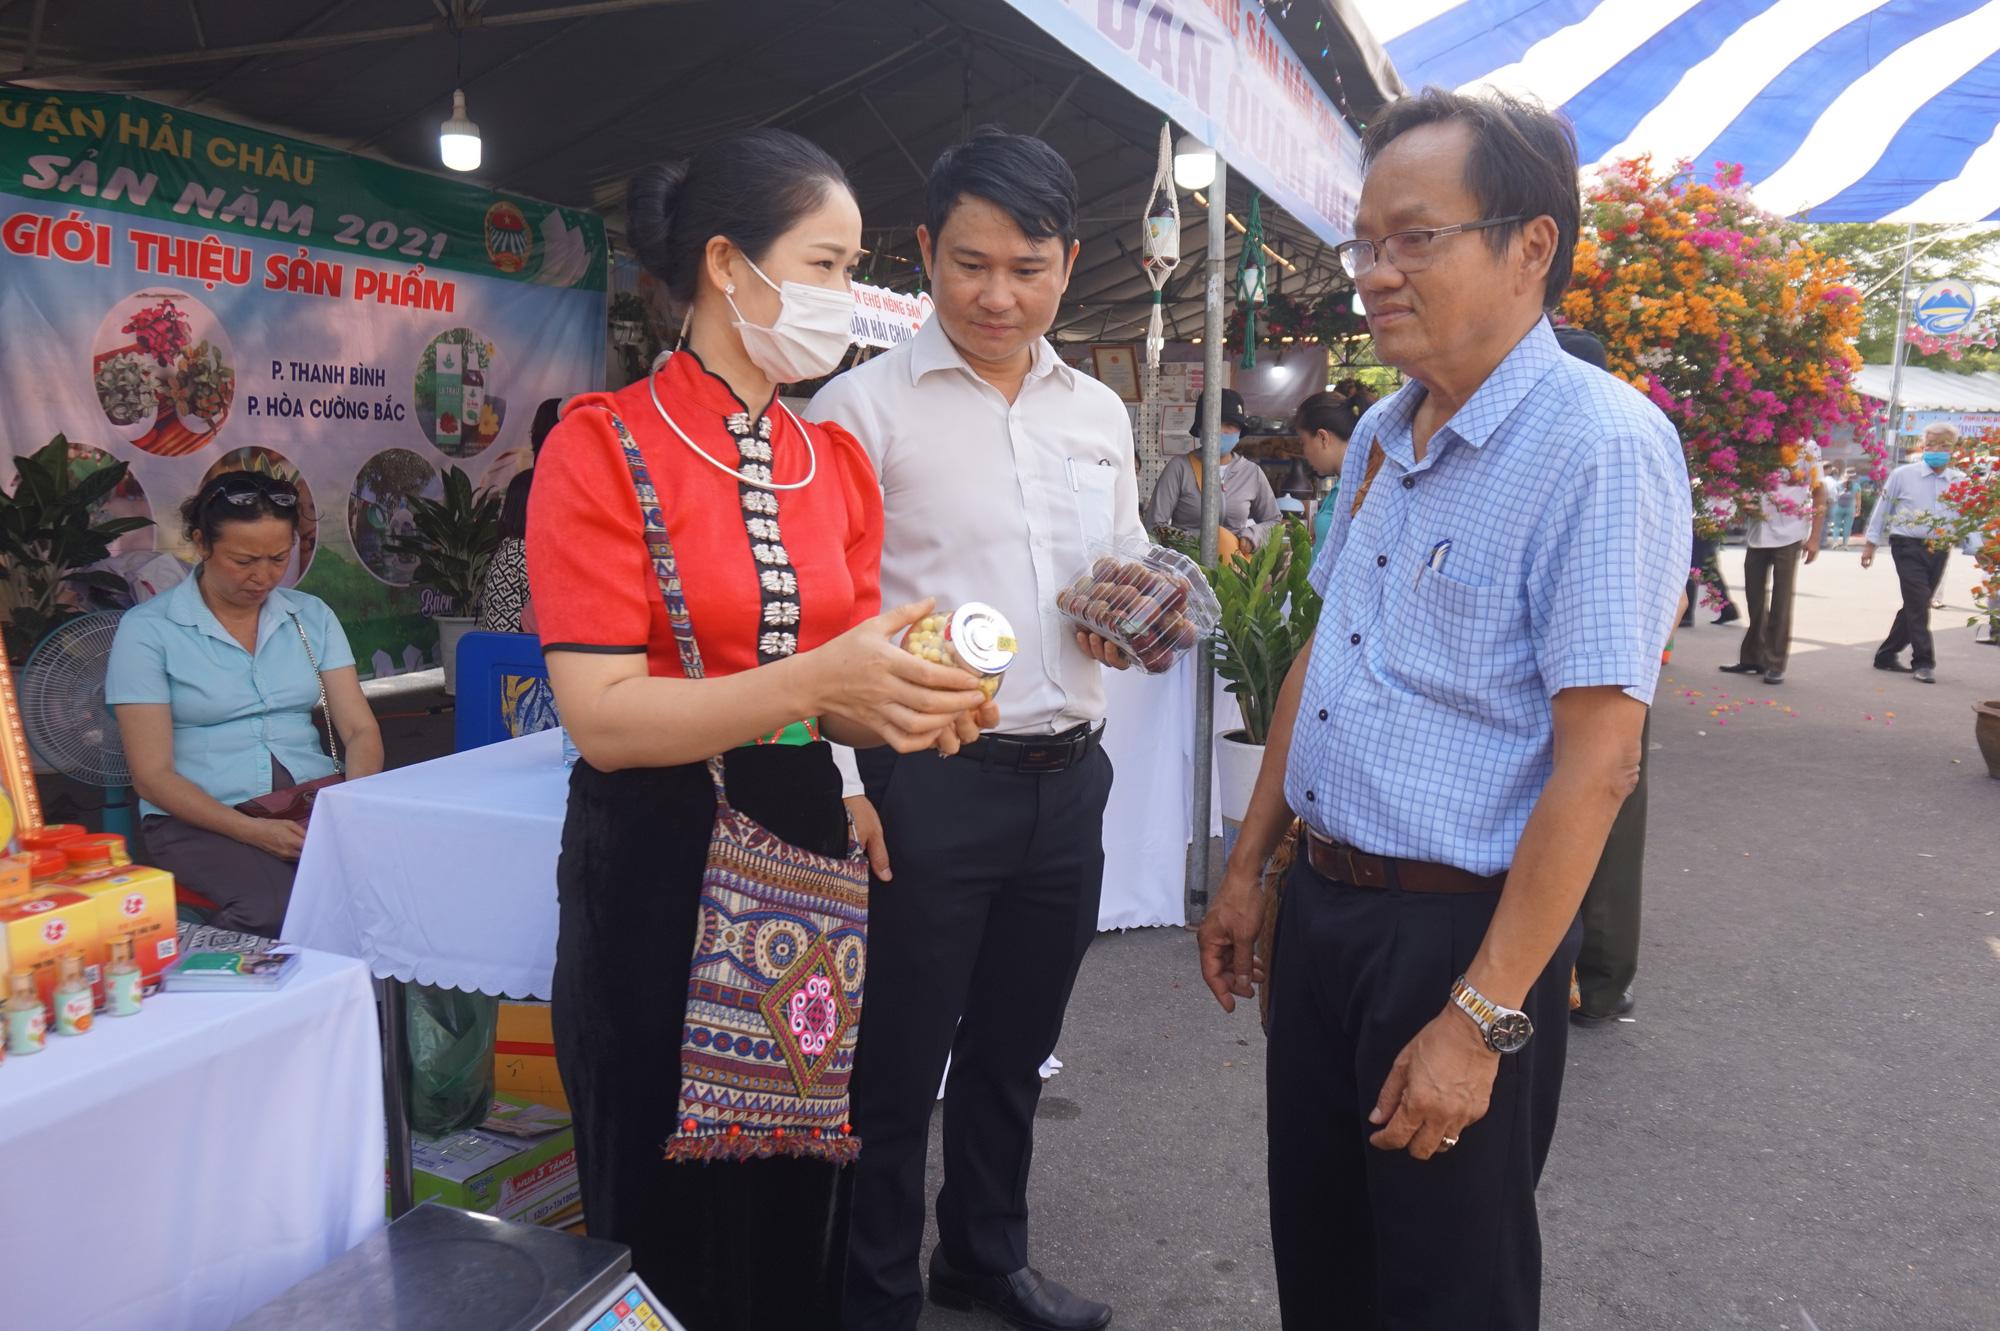 Đà Nẵng: Sản phẩm OCOP, rau sạch hút hàng tại Phiên sợ nông sản - Ảnh 6.